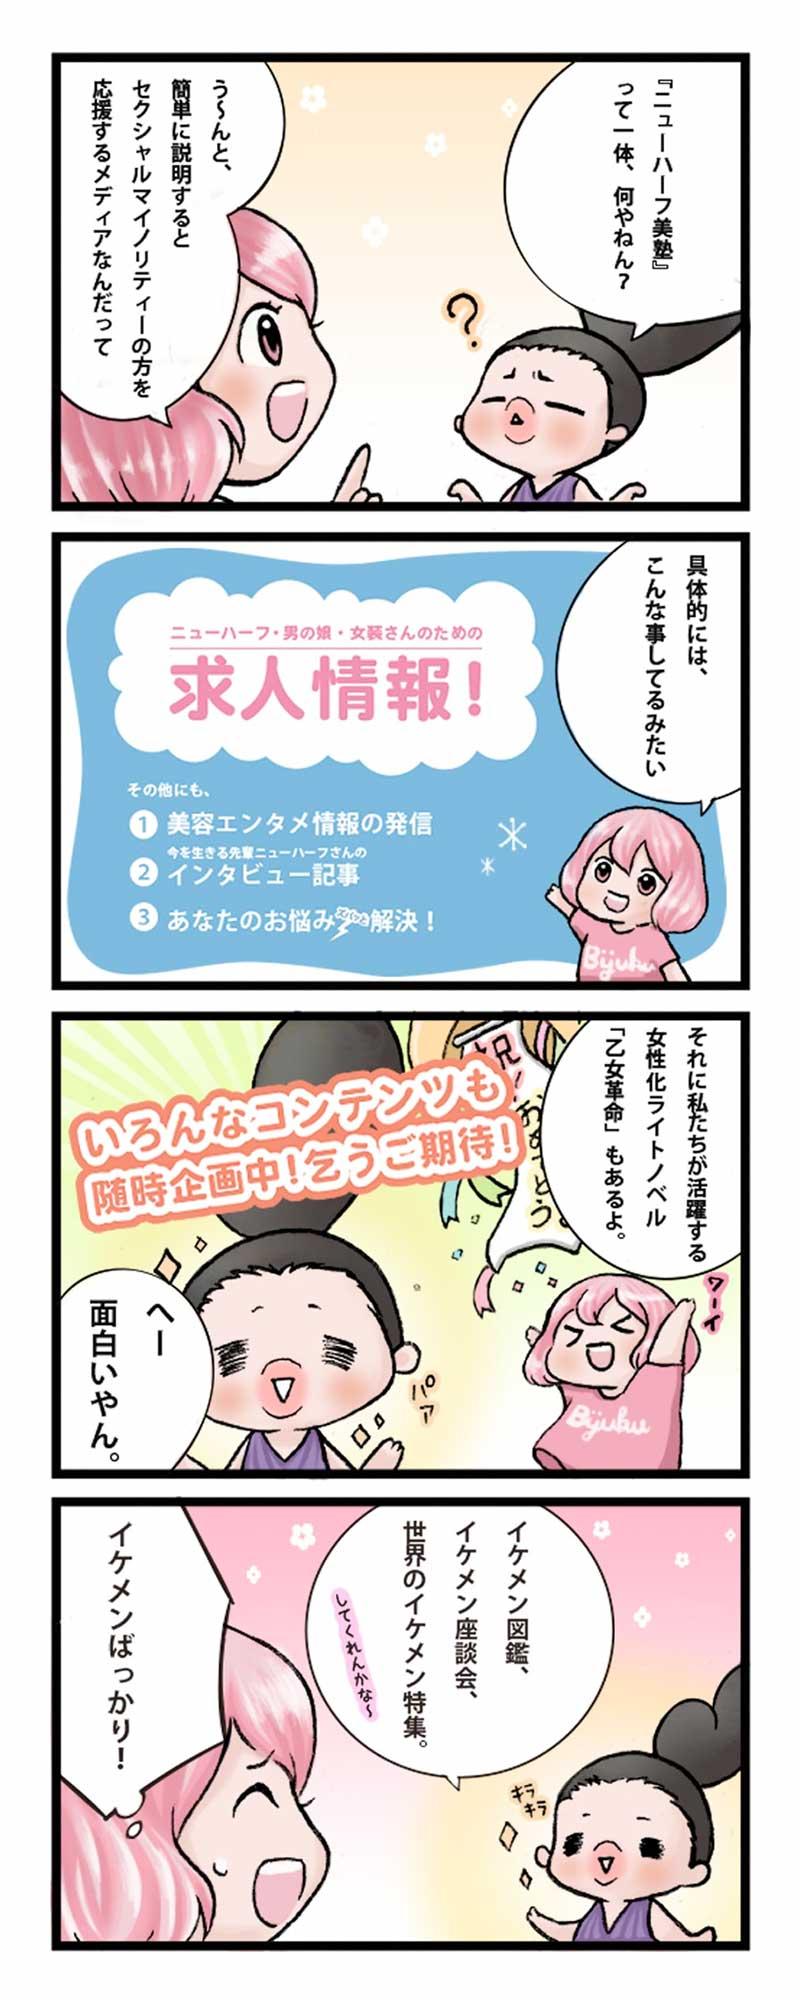 ニューハーフ美塾四コマ